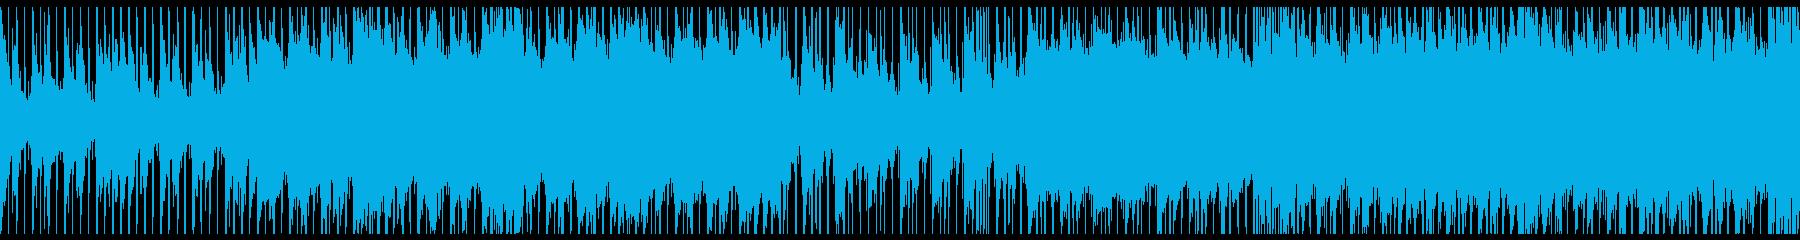 映画のような景色が見える切ない曲ループの再生済みの波形